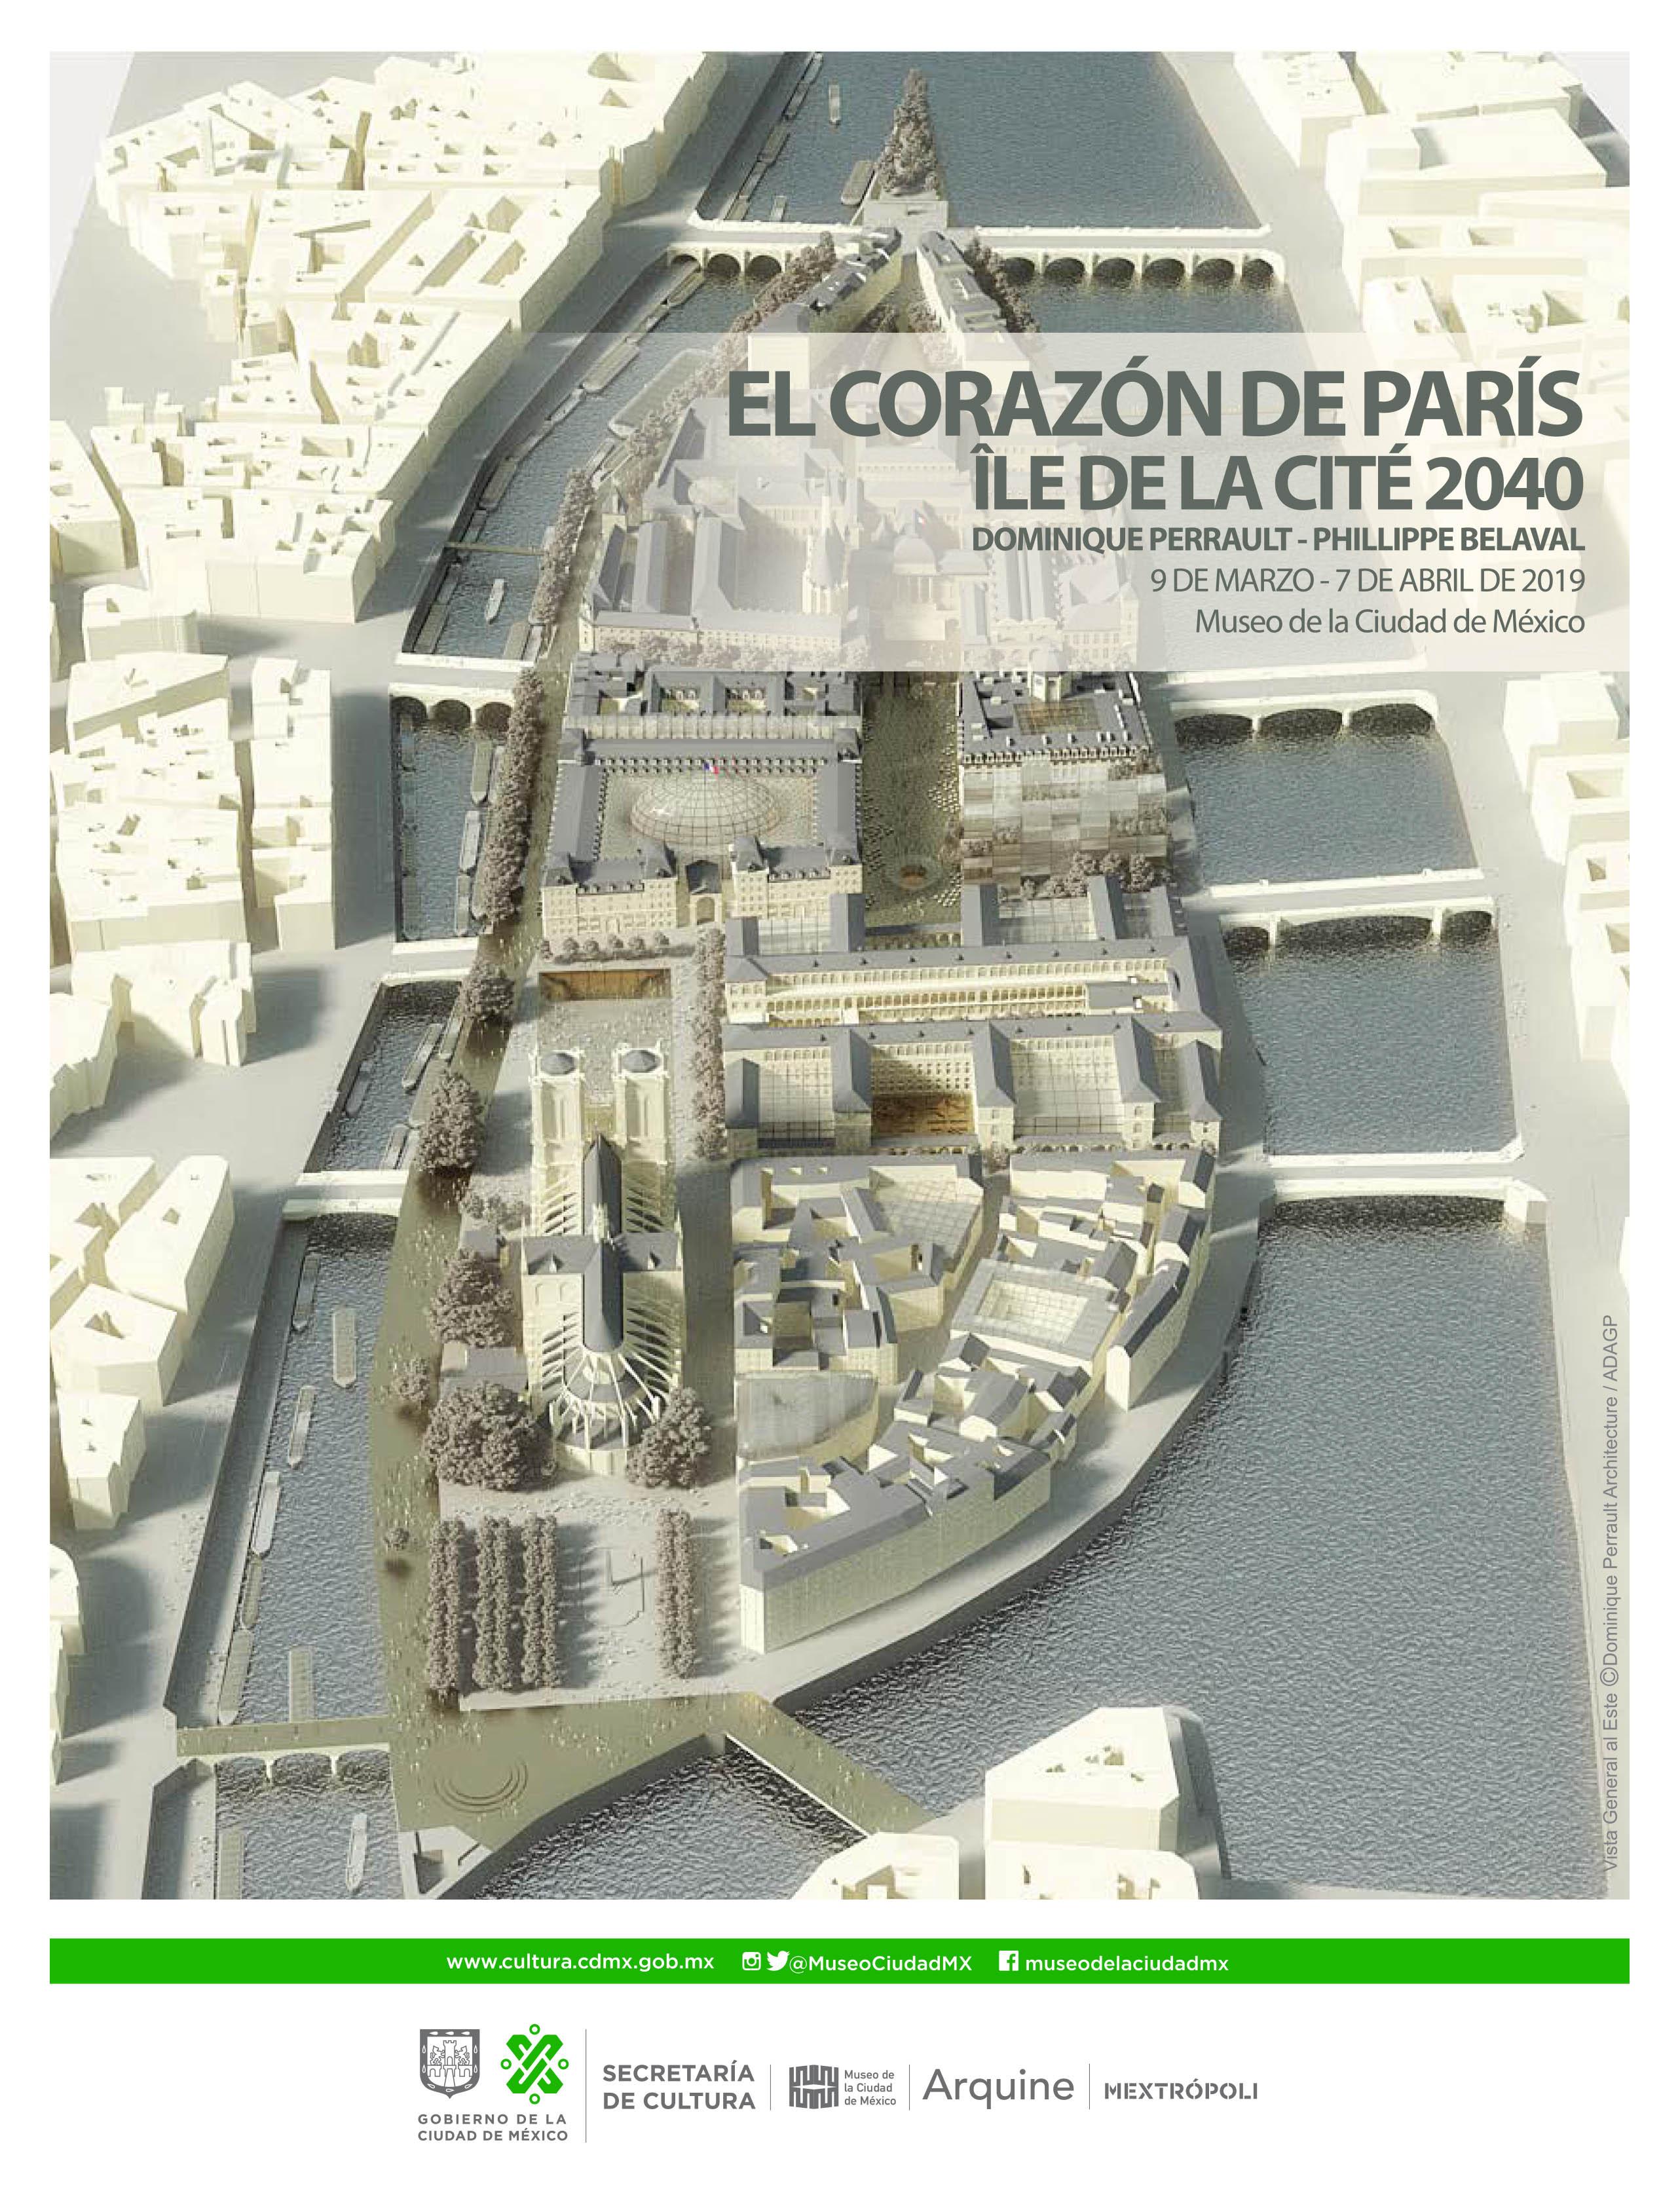 Dominique Perrault. El corazón de París Île de la Cité 2040